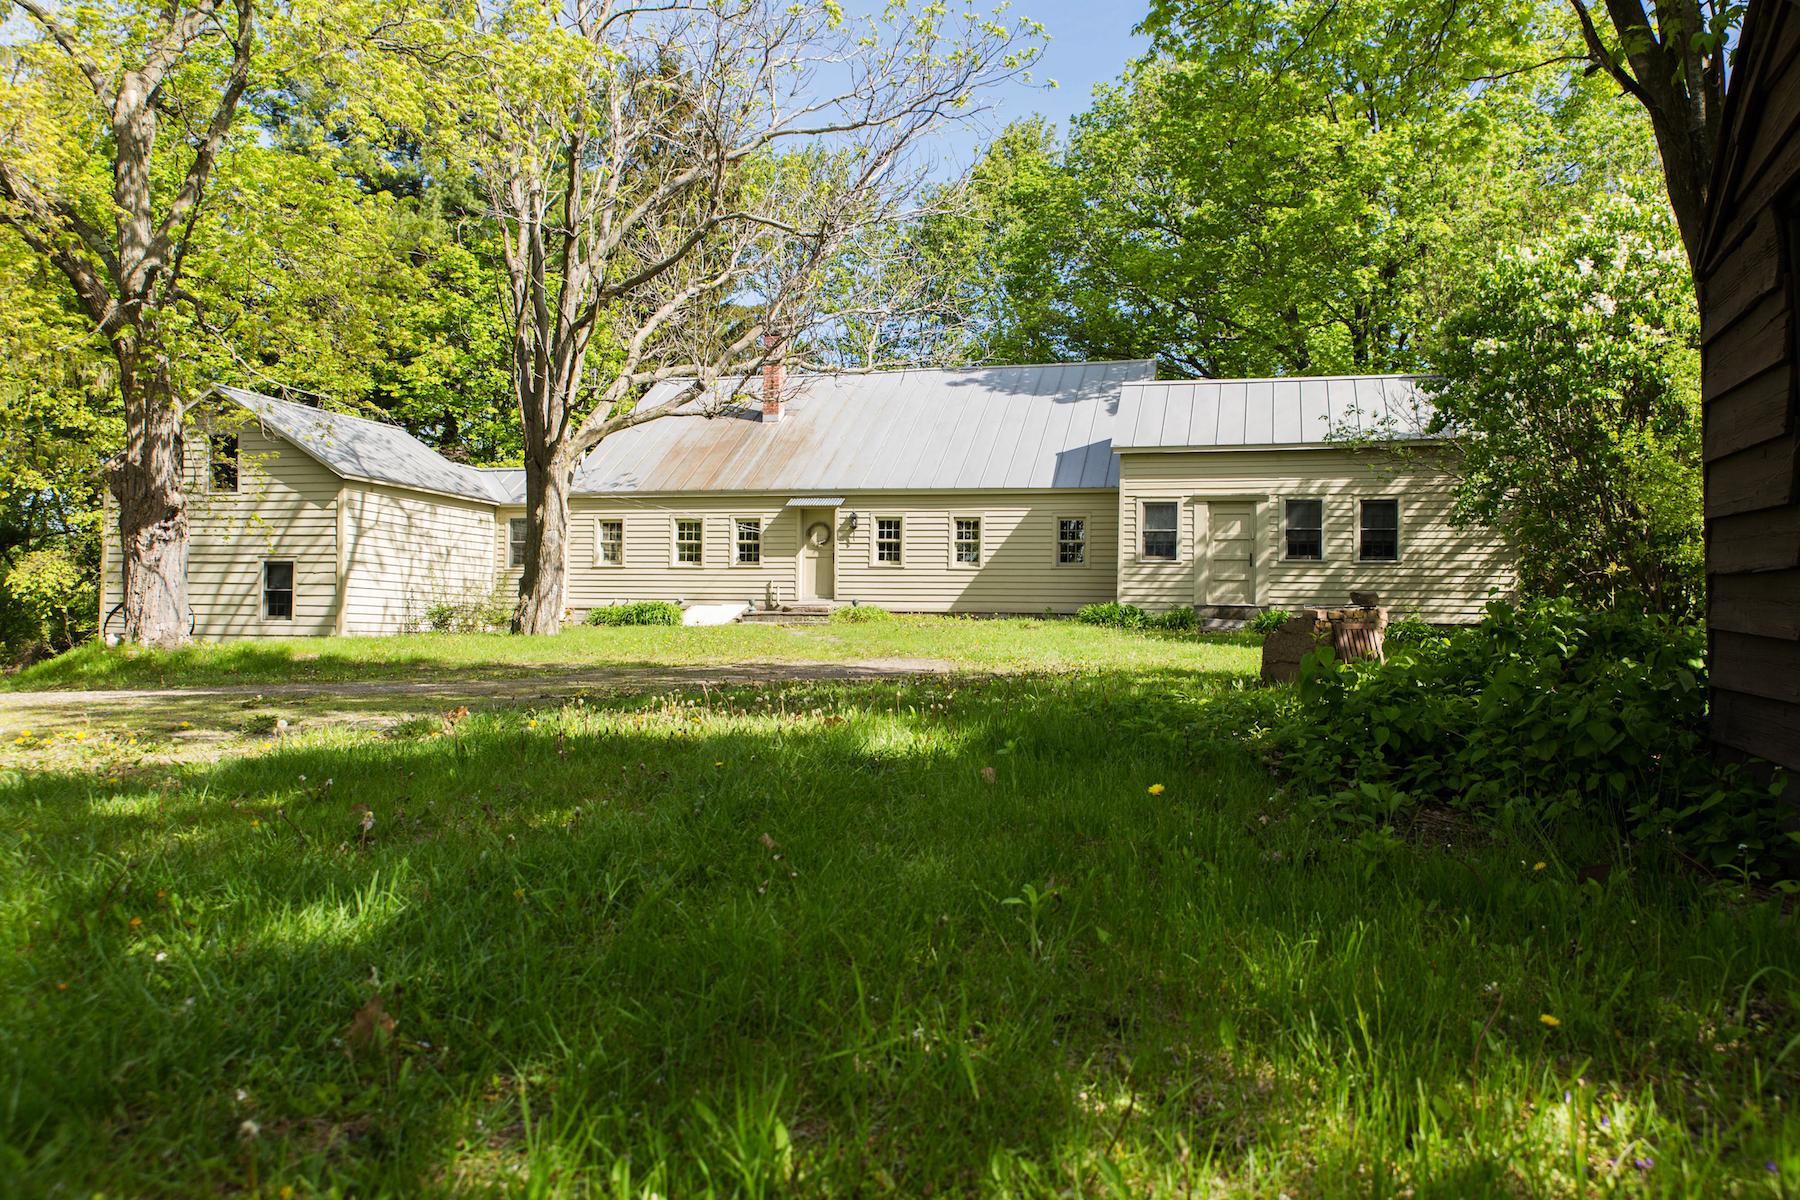 Maison unifamiliale pour l Vente à Restored Farmhouse in a Quiet and Peaceful Setting 433 Bullock Rd Slingerlands, New York 12159 États-Unis